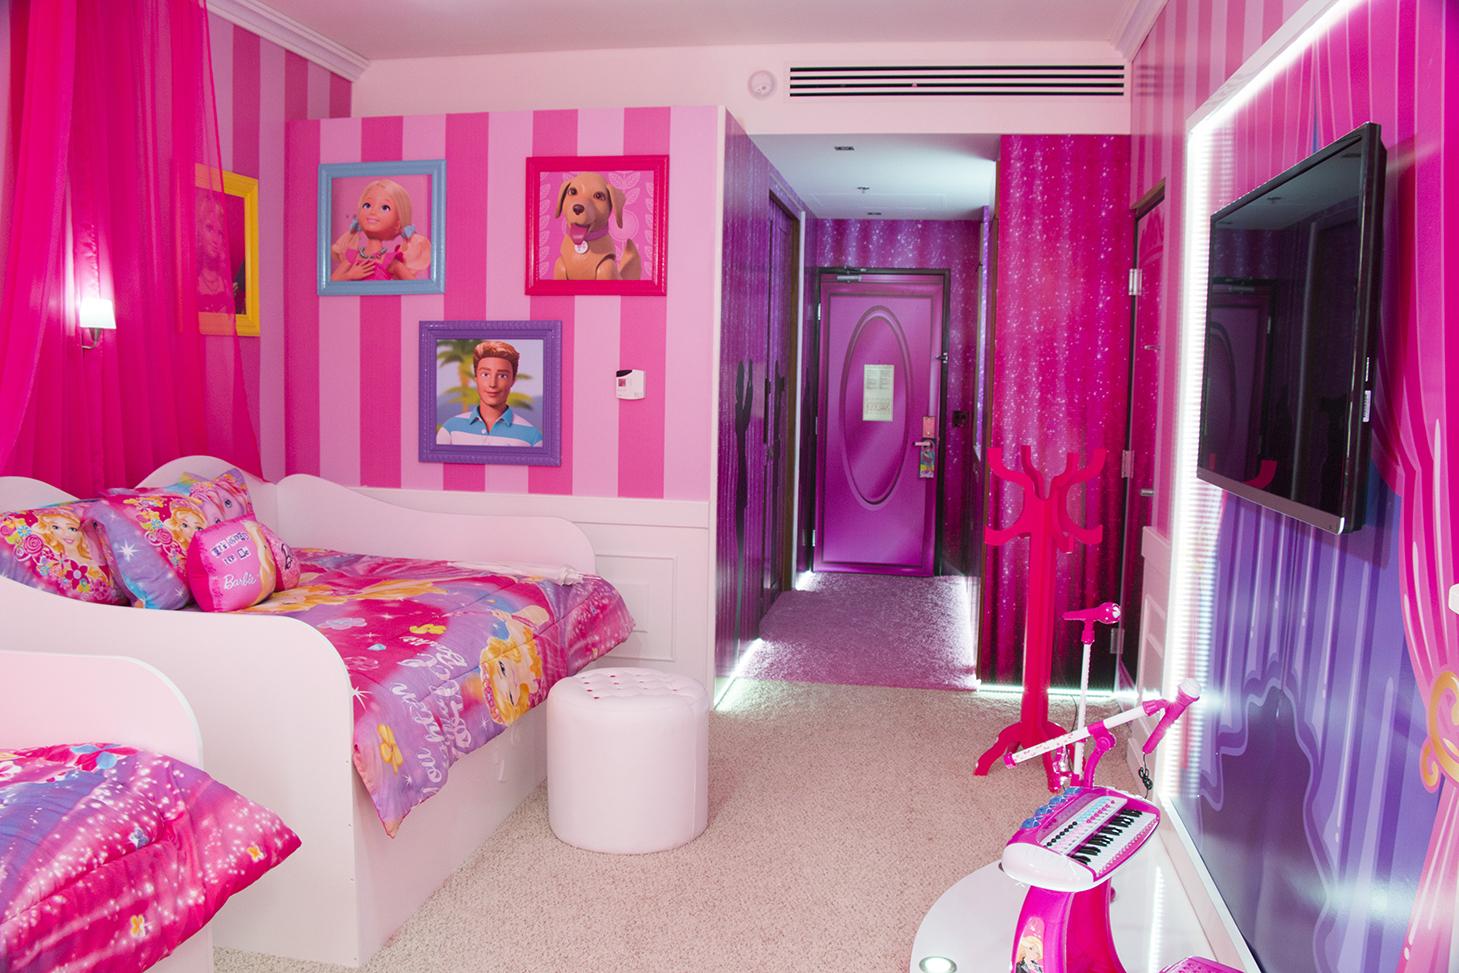 Hotel no México tem quarto inspirado na boneca Barbie #C1084D 1459x973 Acessorios Banheiro Hotel